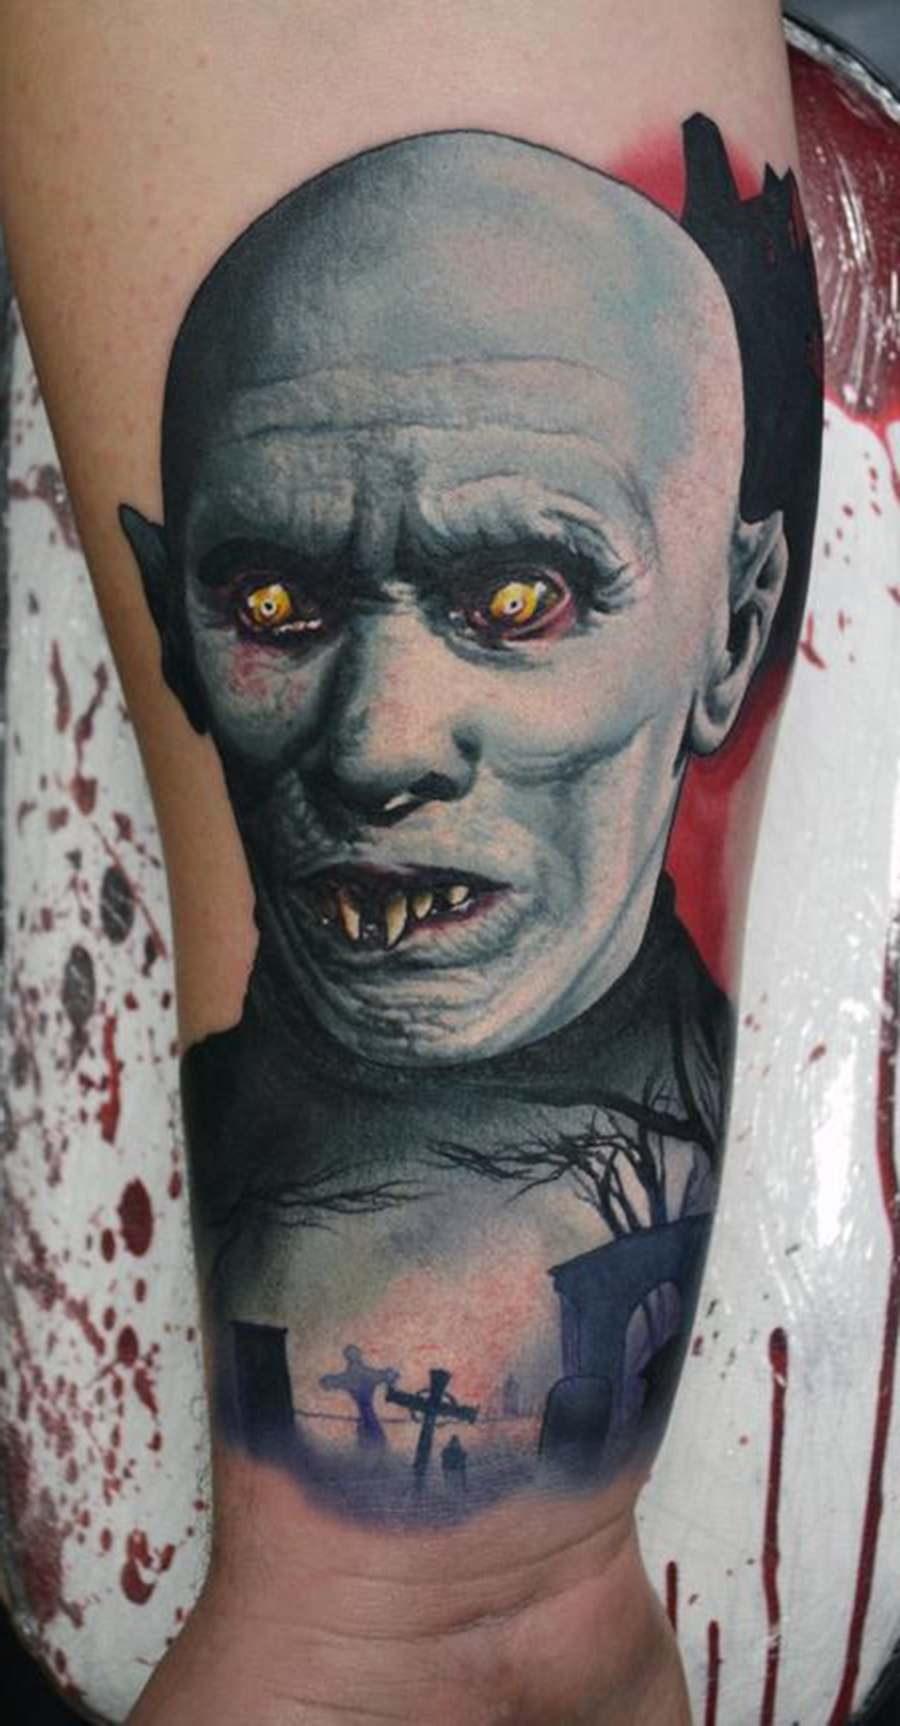 Vampiro sinistro tatuado no braço